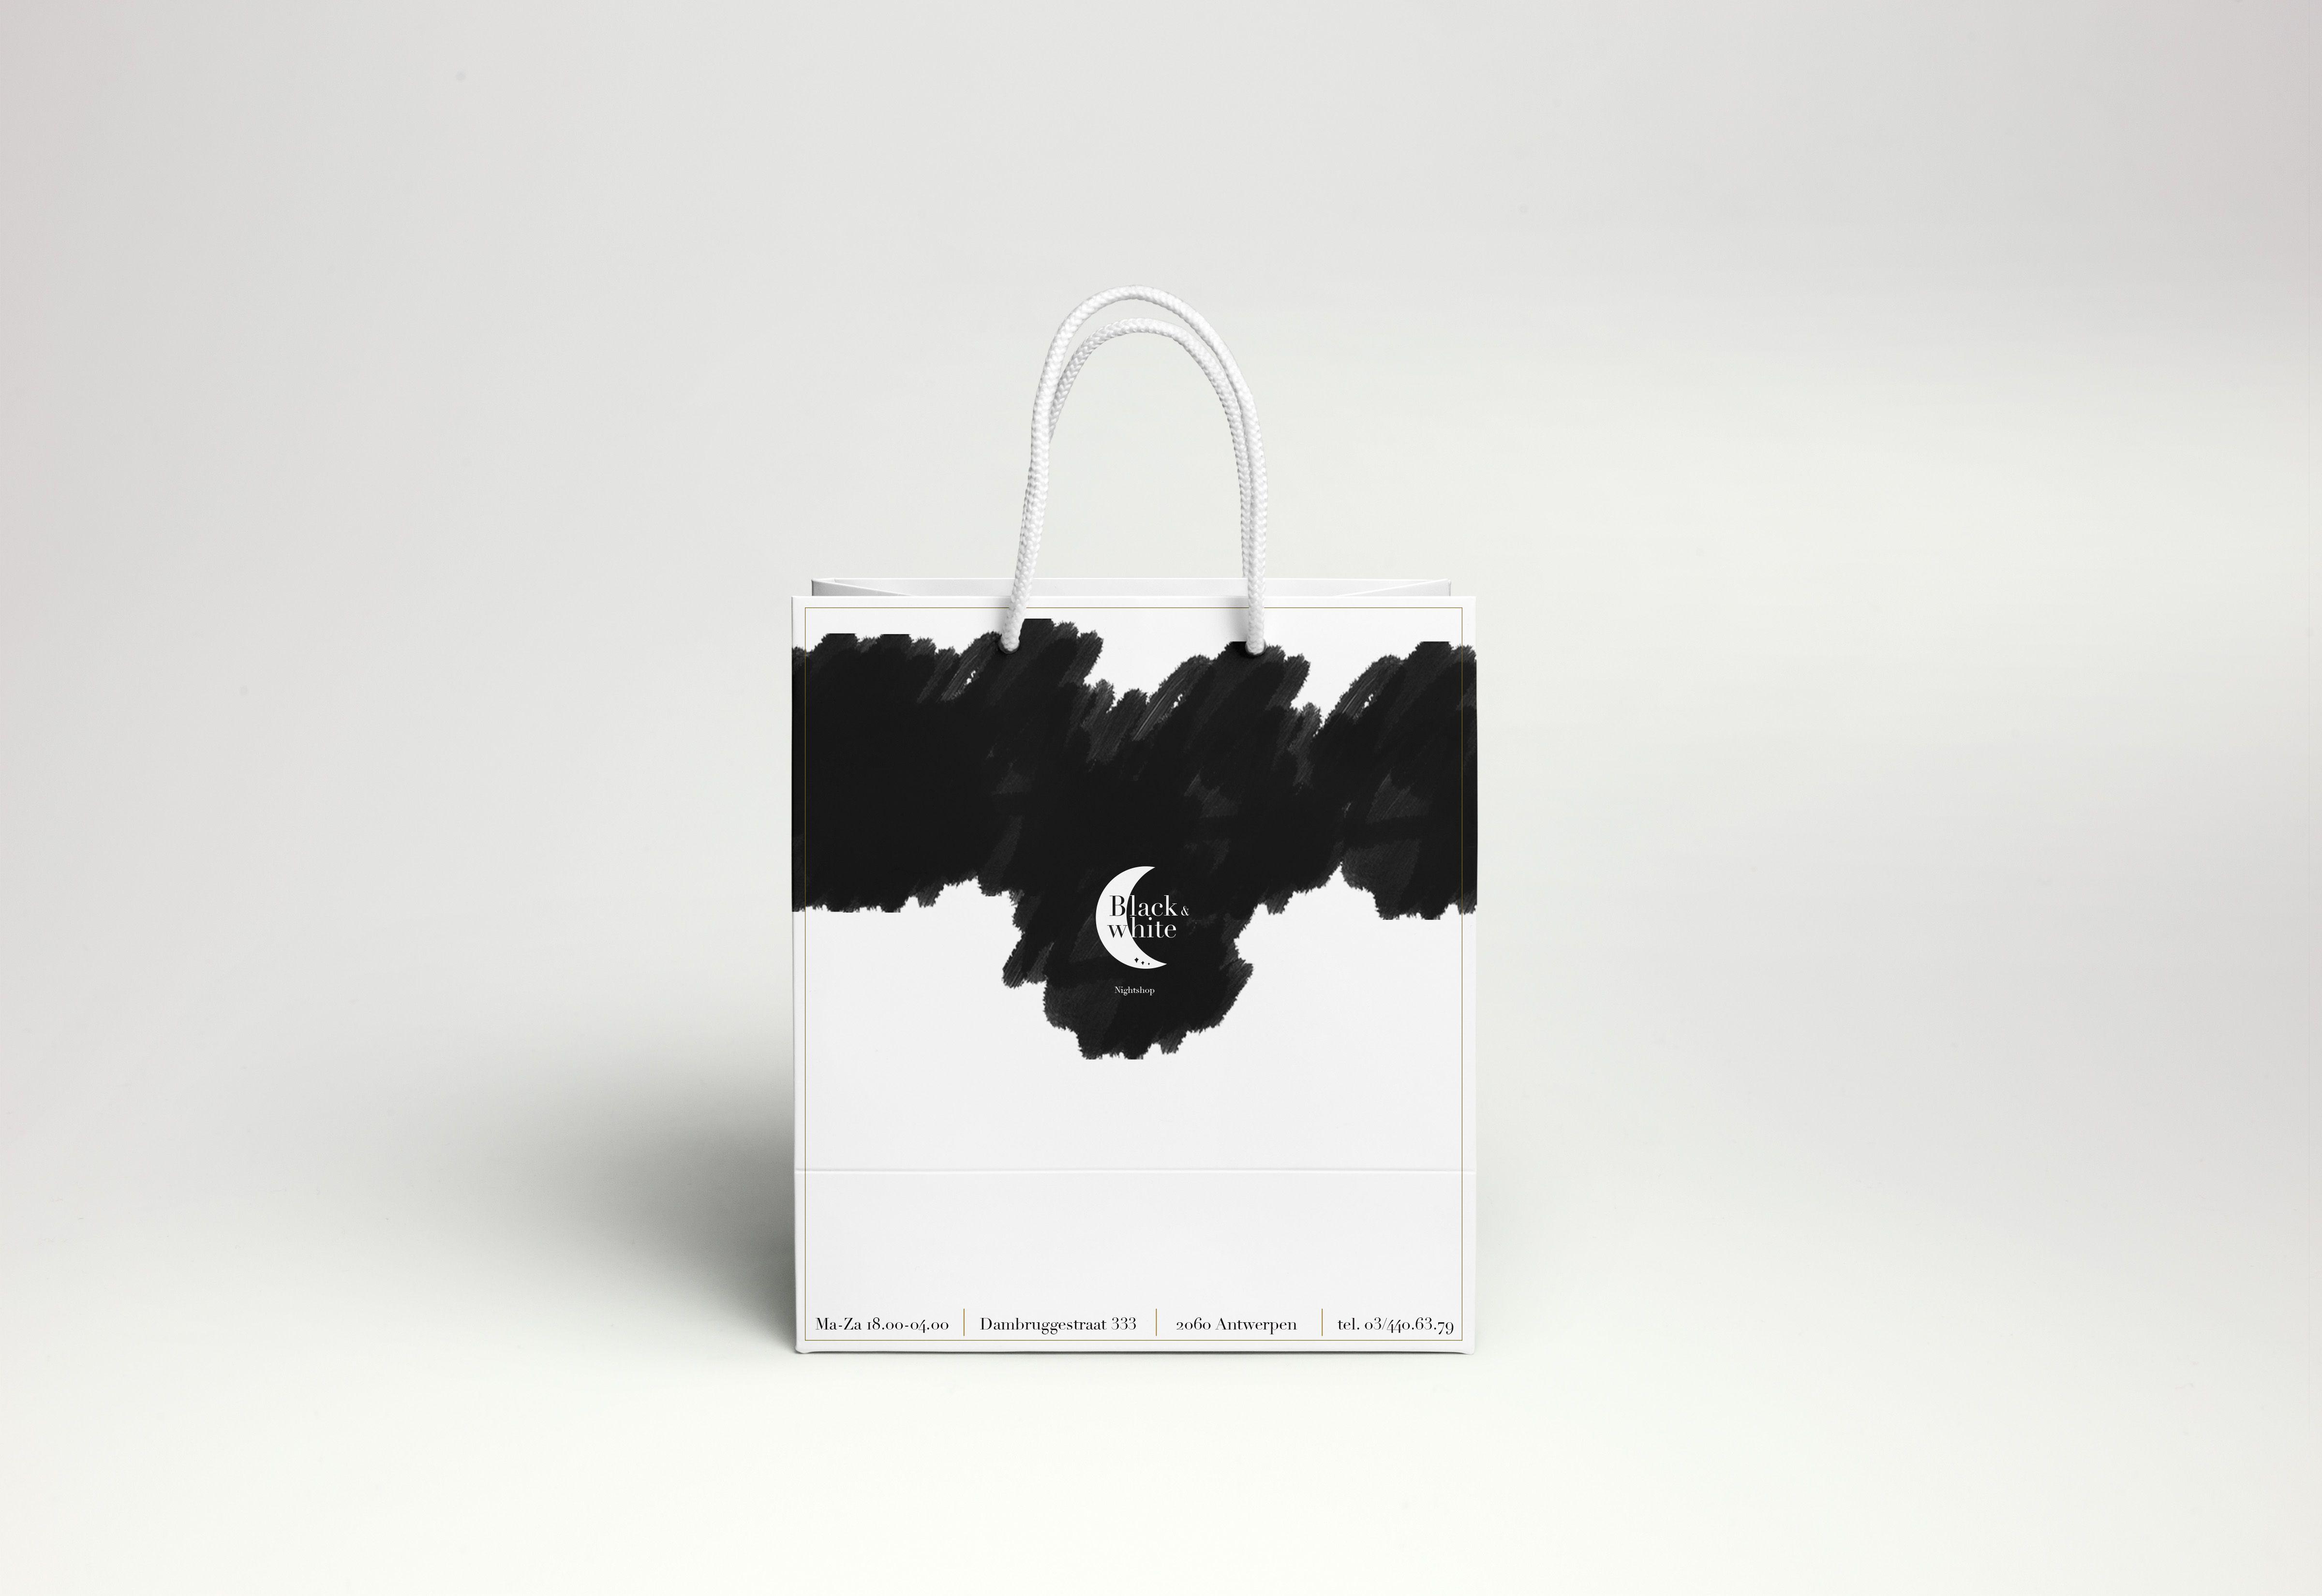 De Papieren Zak : Buurtwinkels papieren zak van vivo